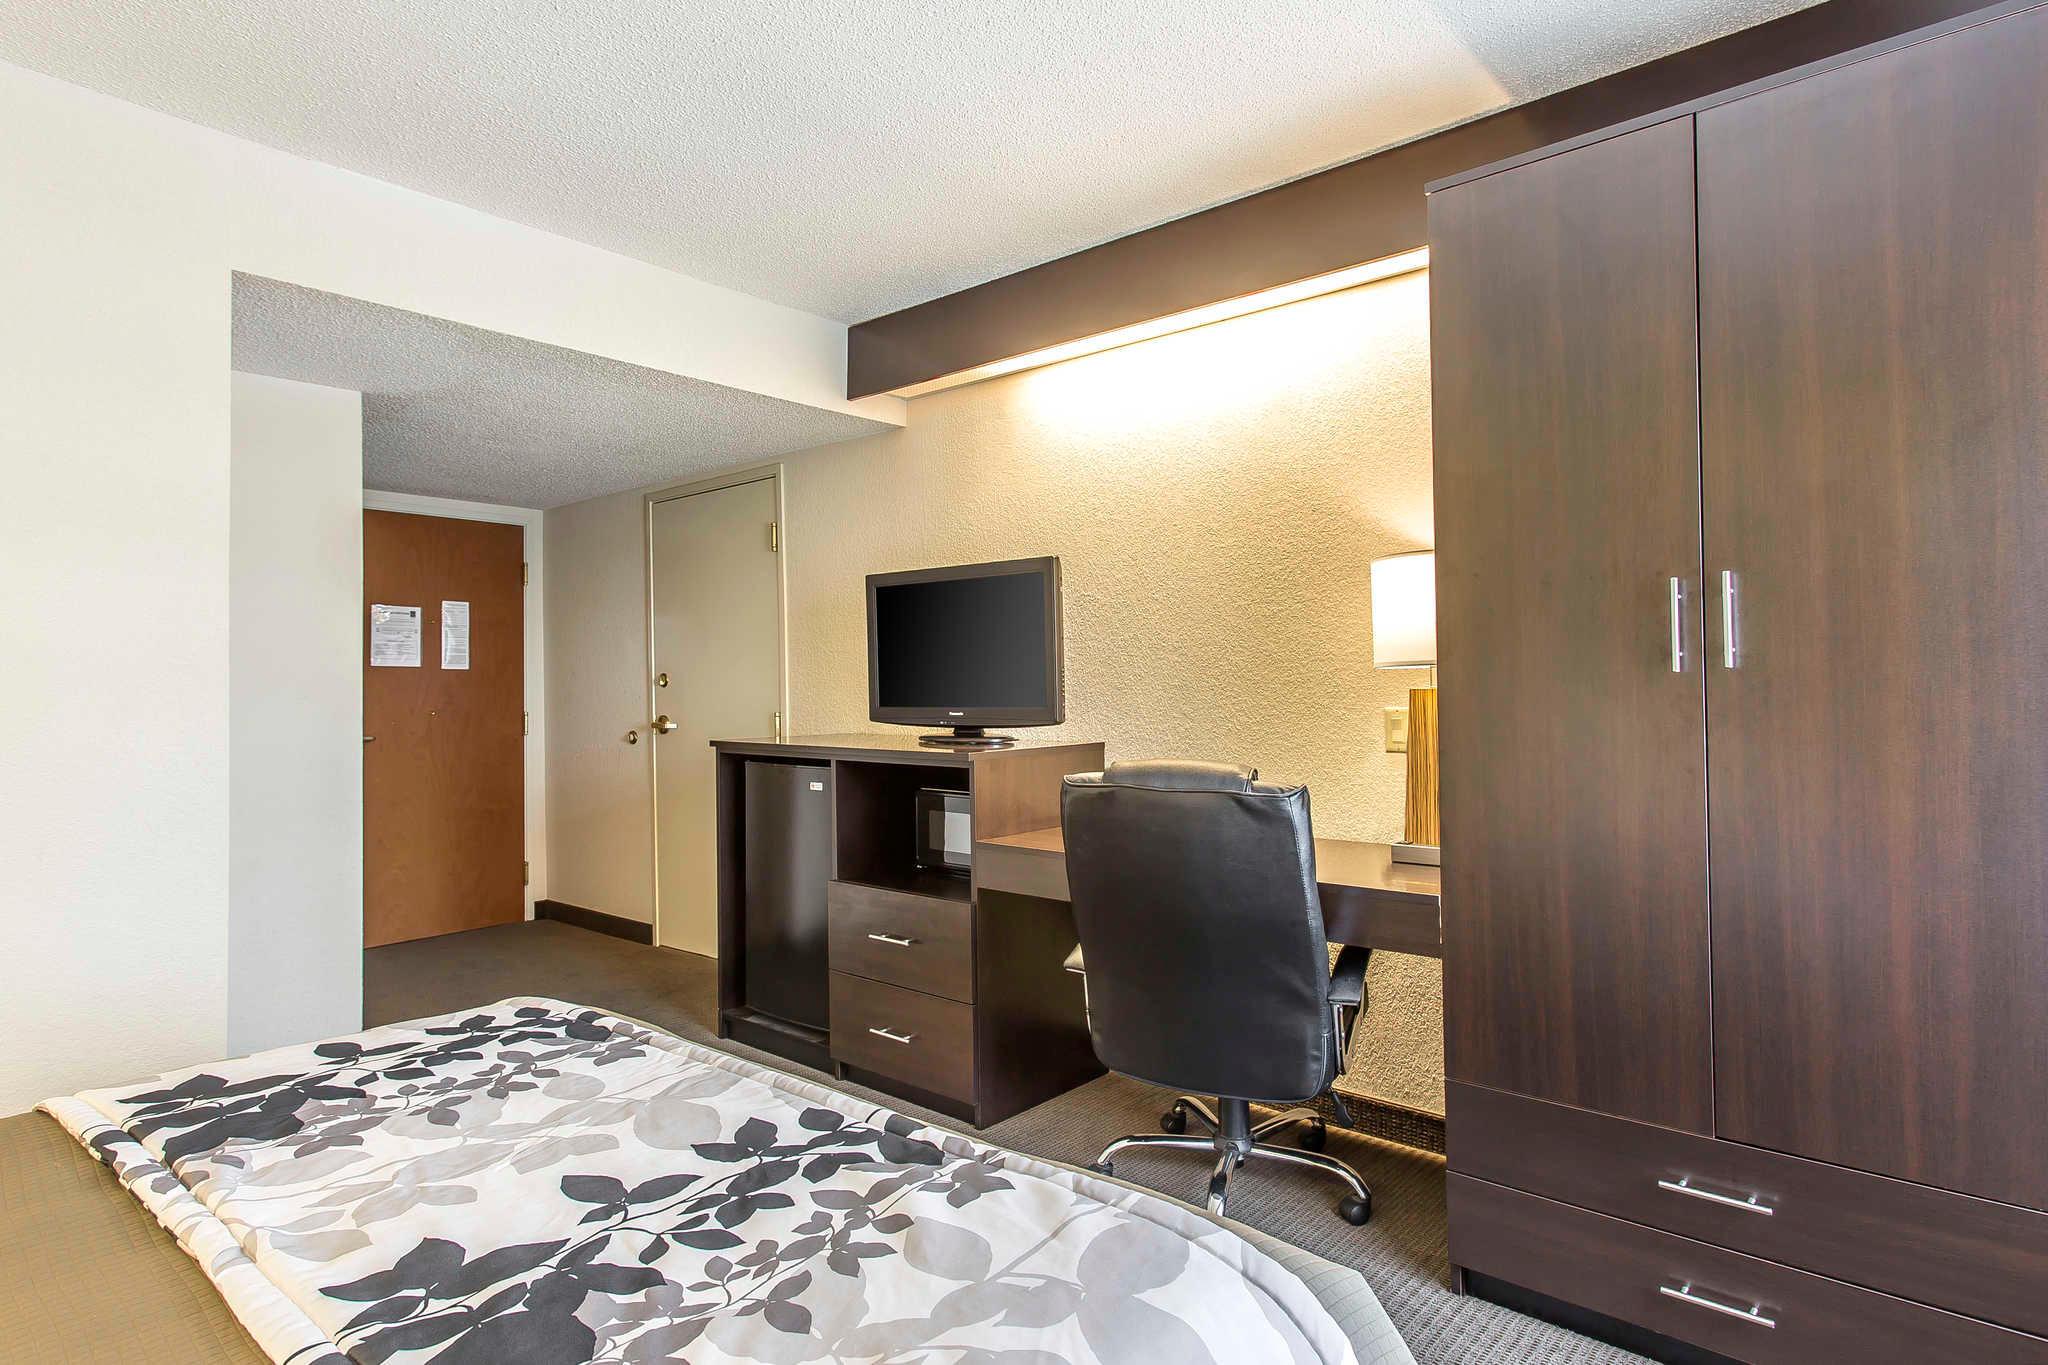 Sleep Inn & Suites image 12